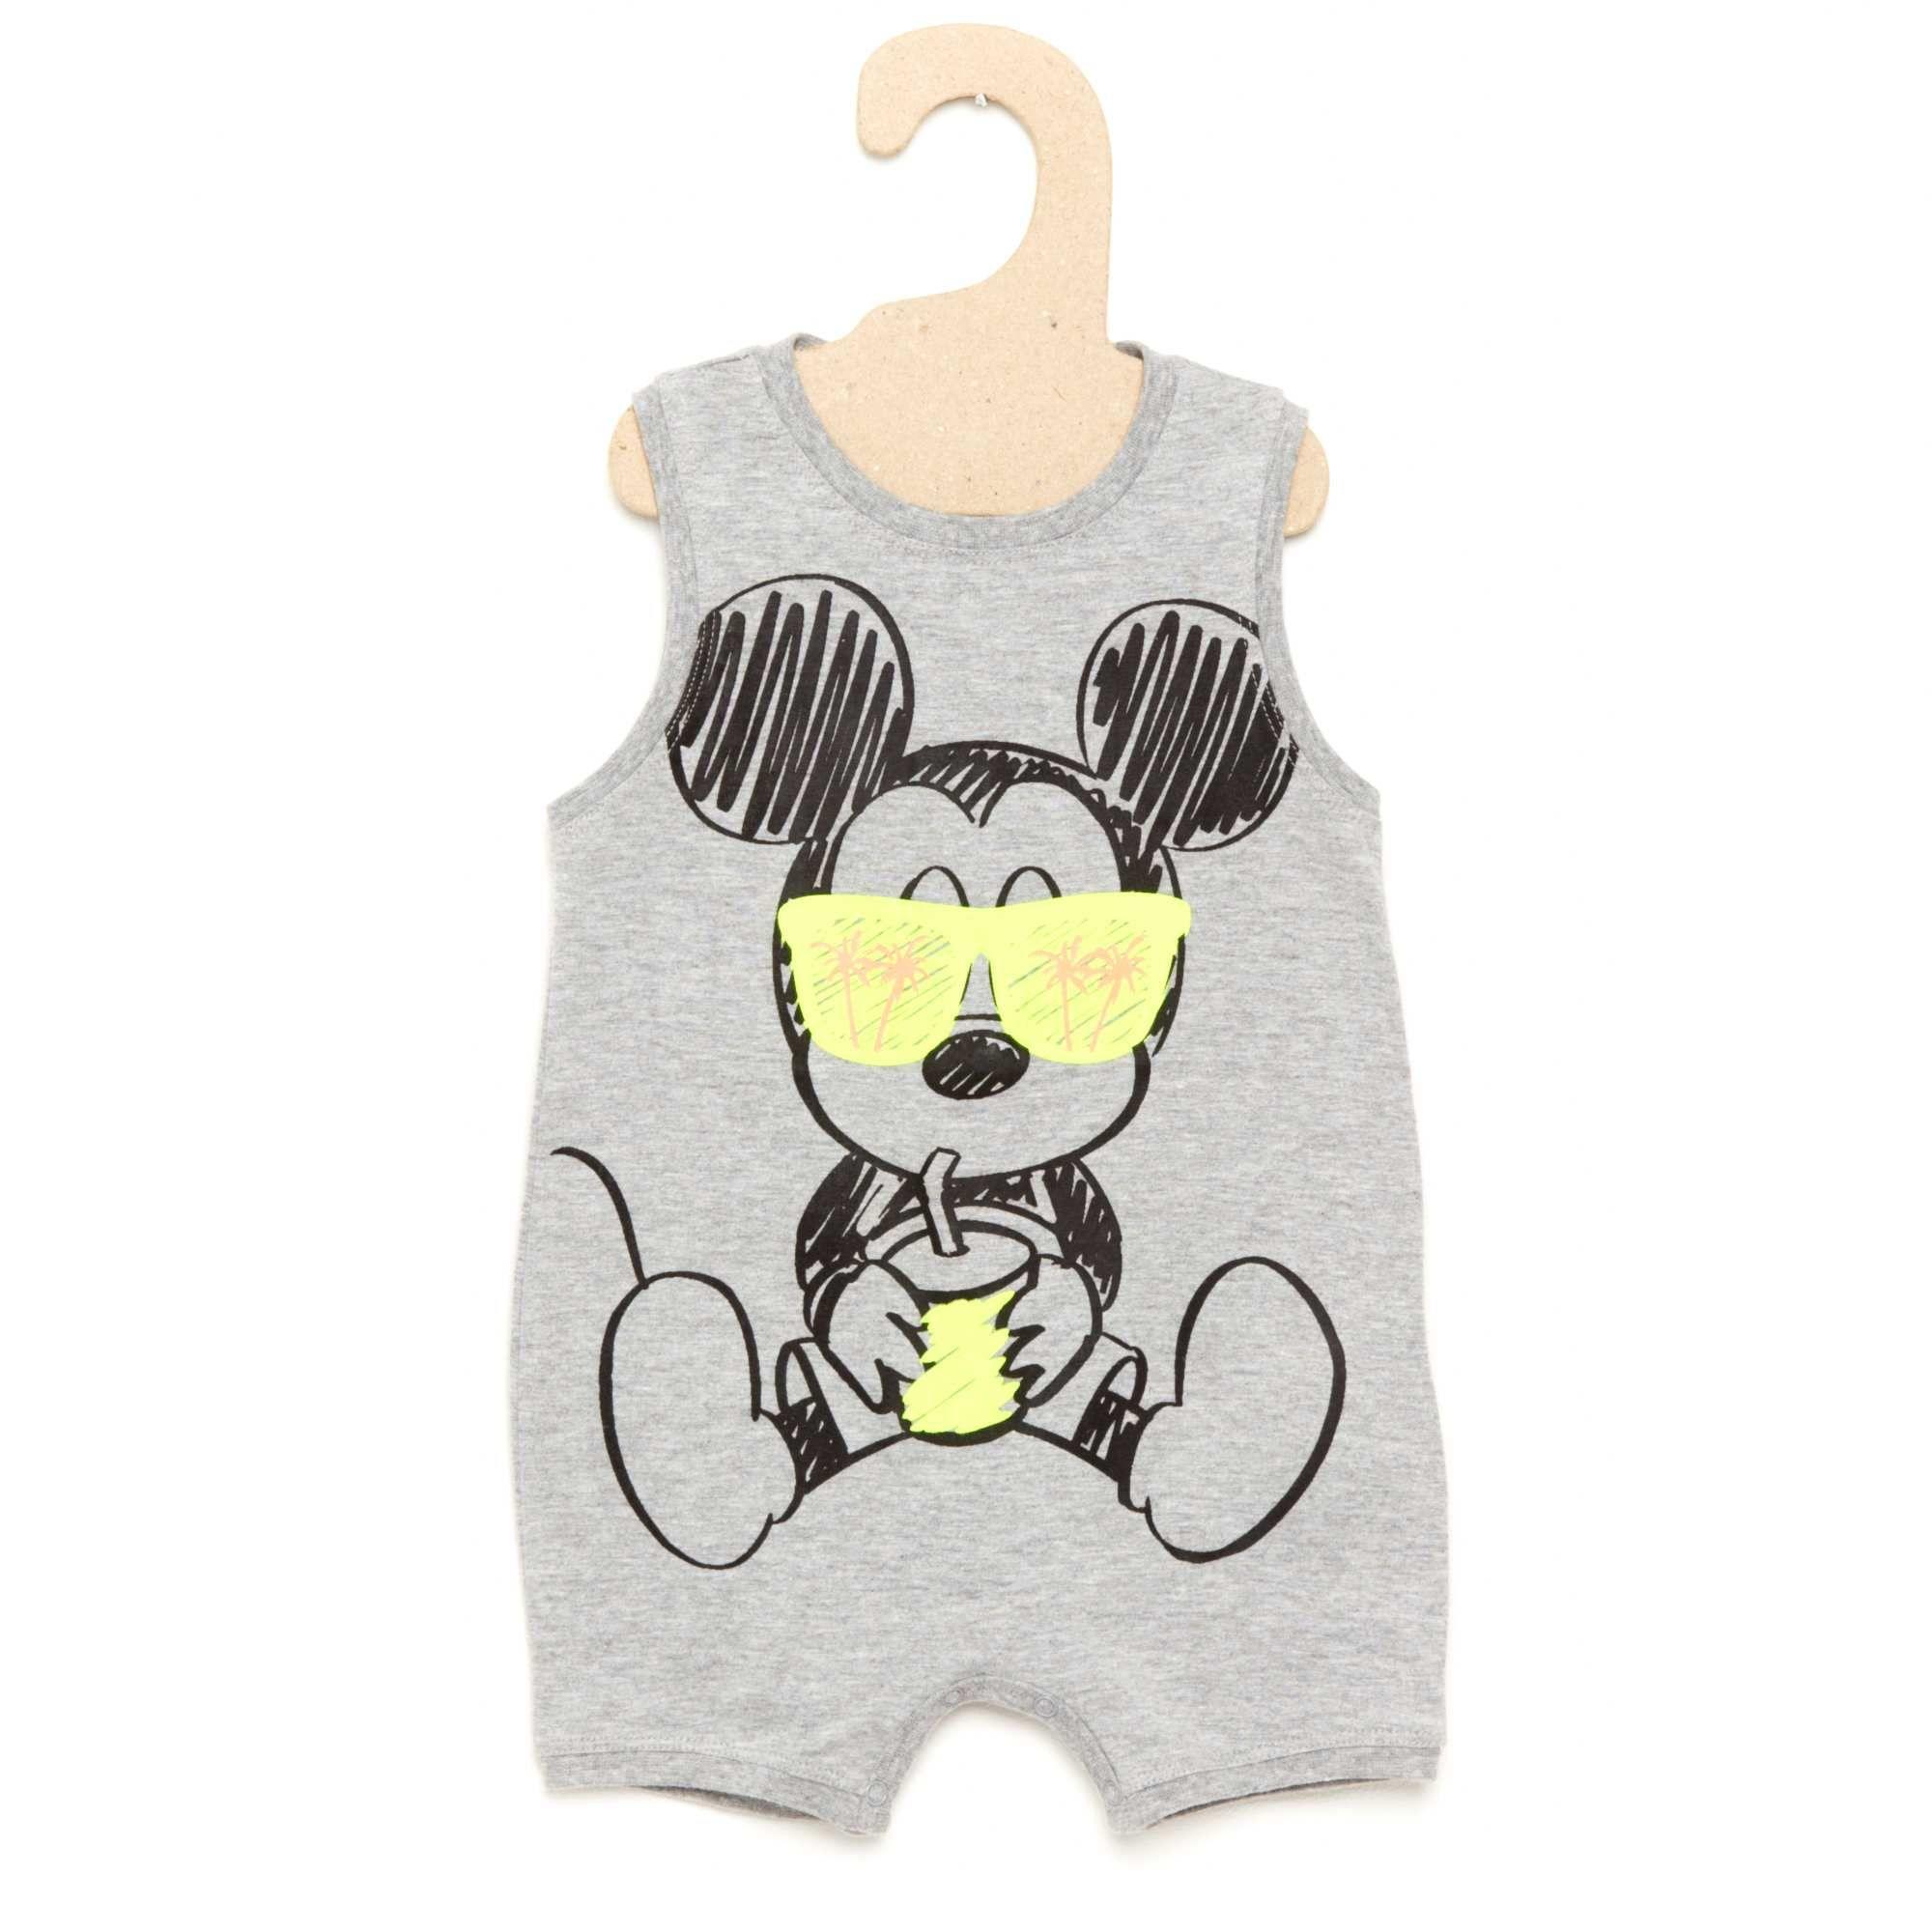 Mickey Mouse Barboteuse en Coton b/éb/é gar/çon